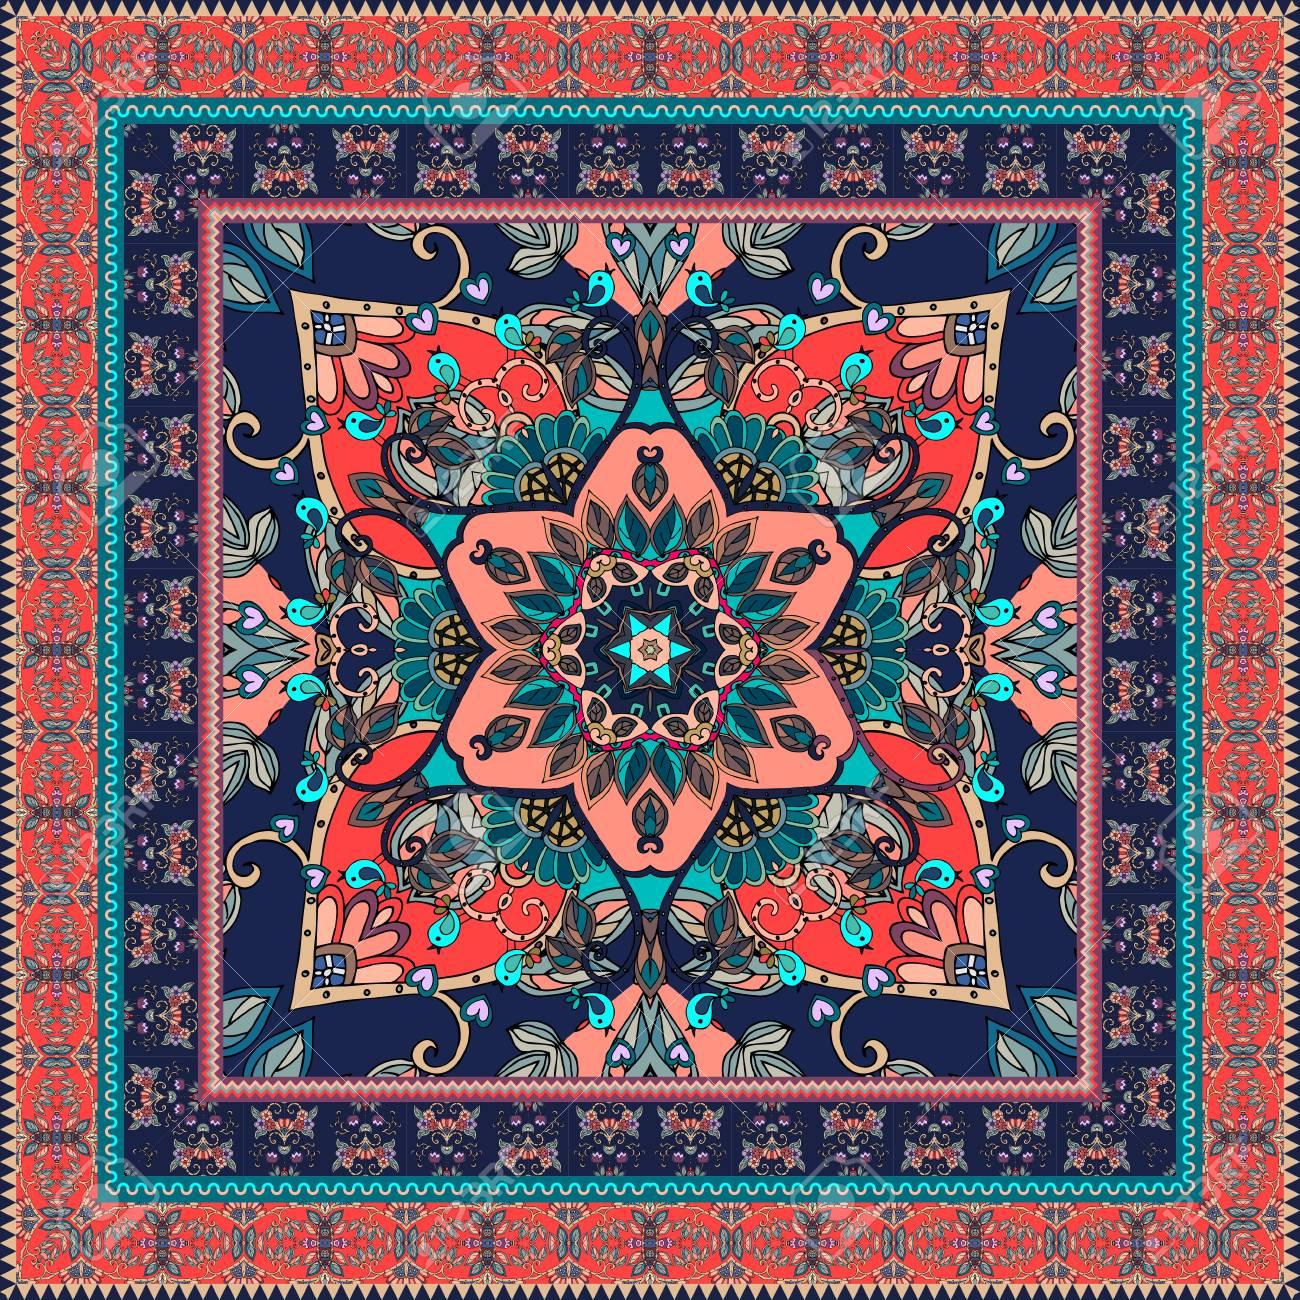 banque d images echarpe orientale avec une belle bordure belle nappe tapis imprime ethnique bandana taie d oreiller imprimer pour le tissu